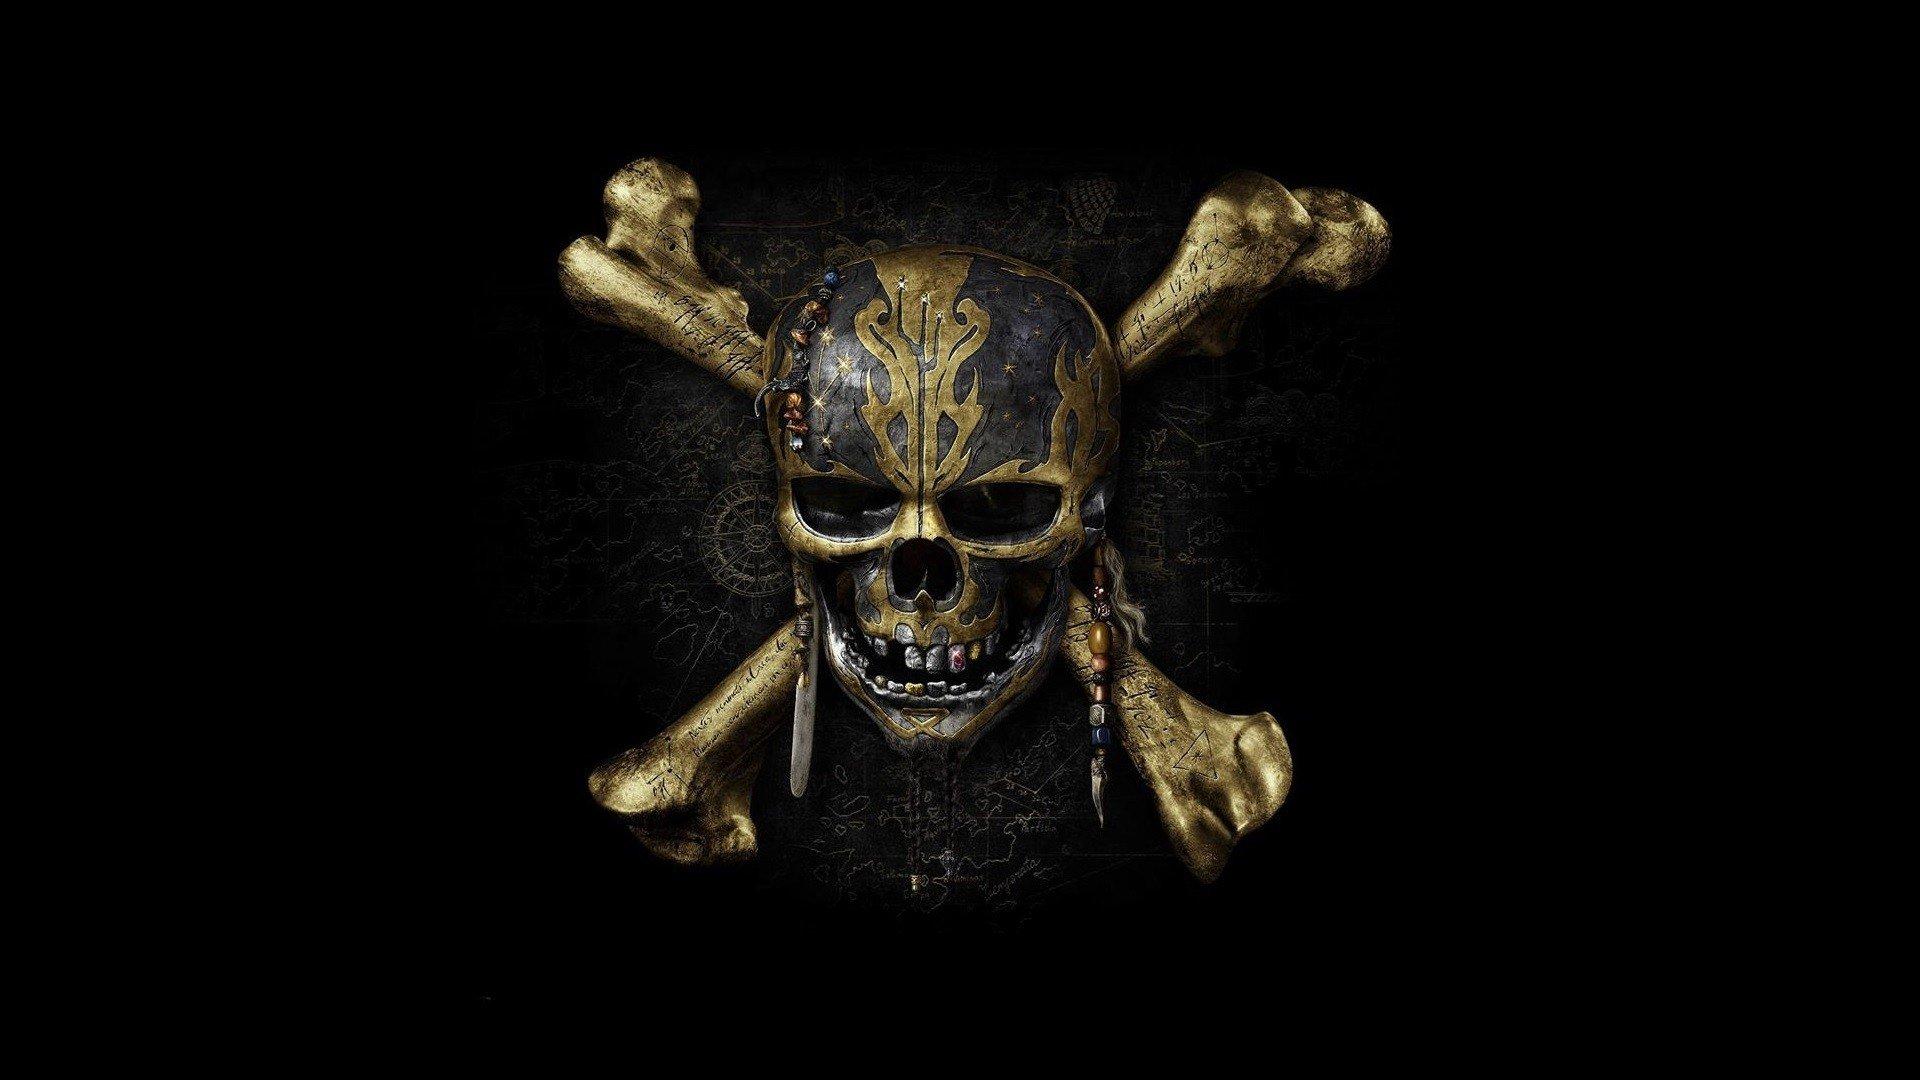 Immagini Di Teschio Pirati sfondi : 1920x1080 px, sfondo nero, pirati dei caraibi dead